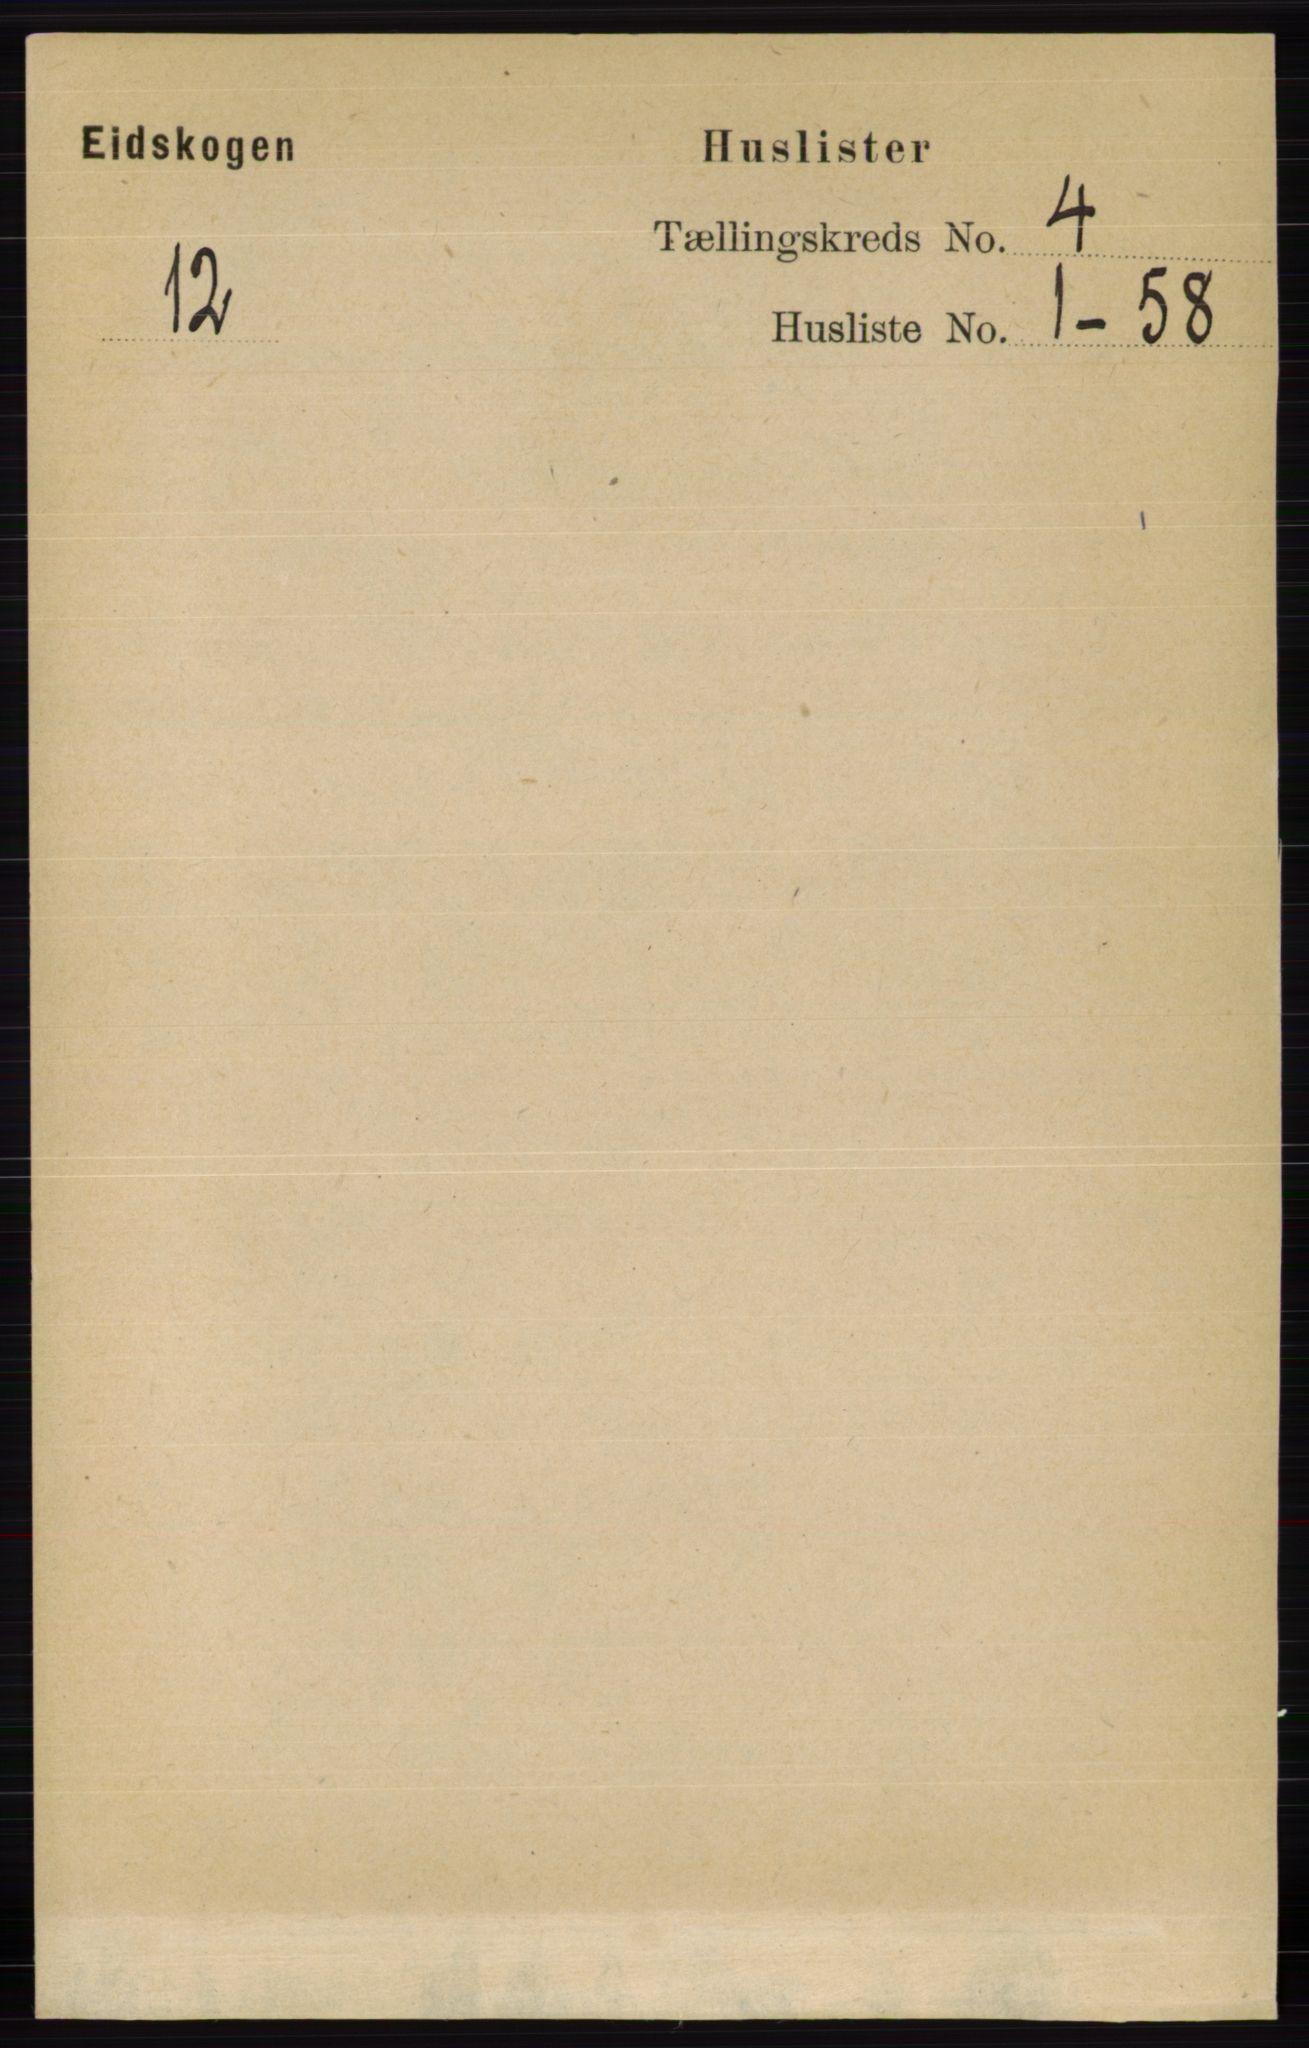 RA, Folketelling 1891 for 0420 Eidskog herred, 1891, s. 1520